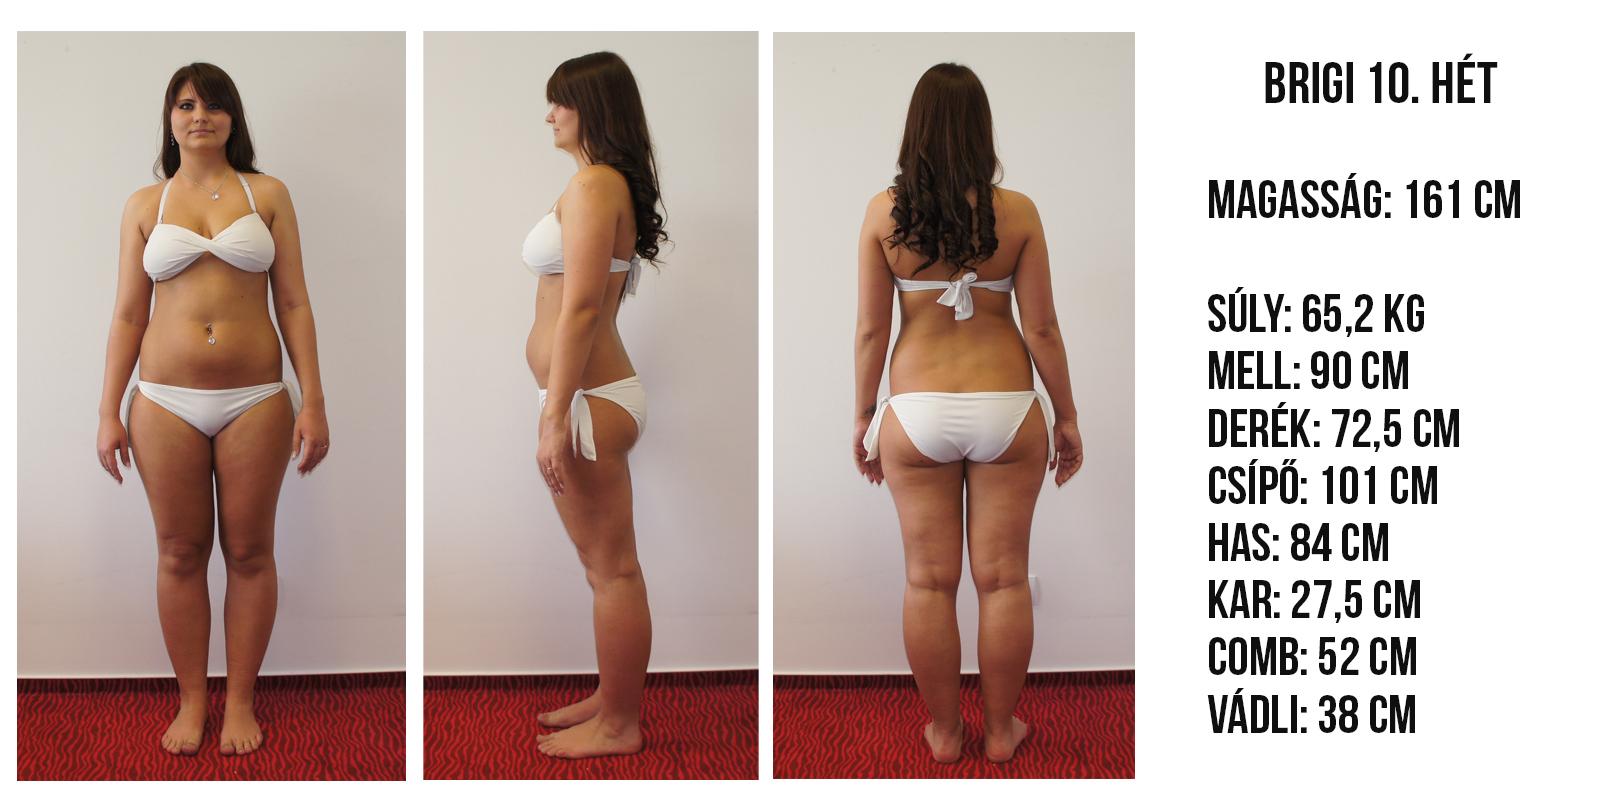 Hogyan fogytam le 10 kilót 40 felett? - Éljenek a 40 feletti nők! - NeverOrdinaryWoman